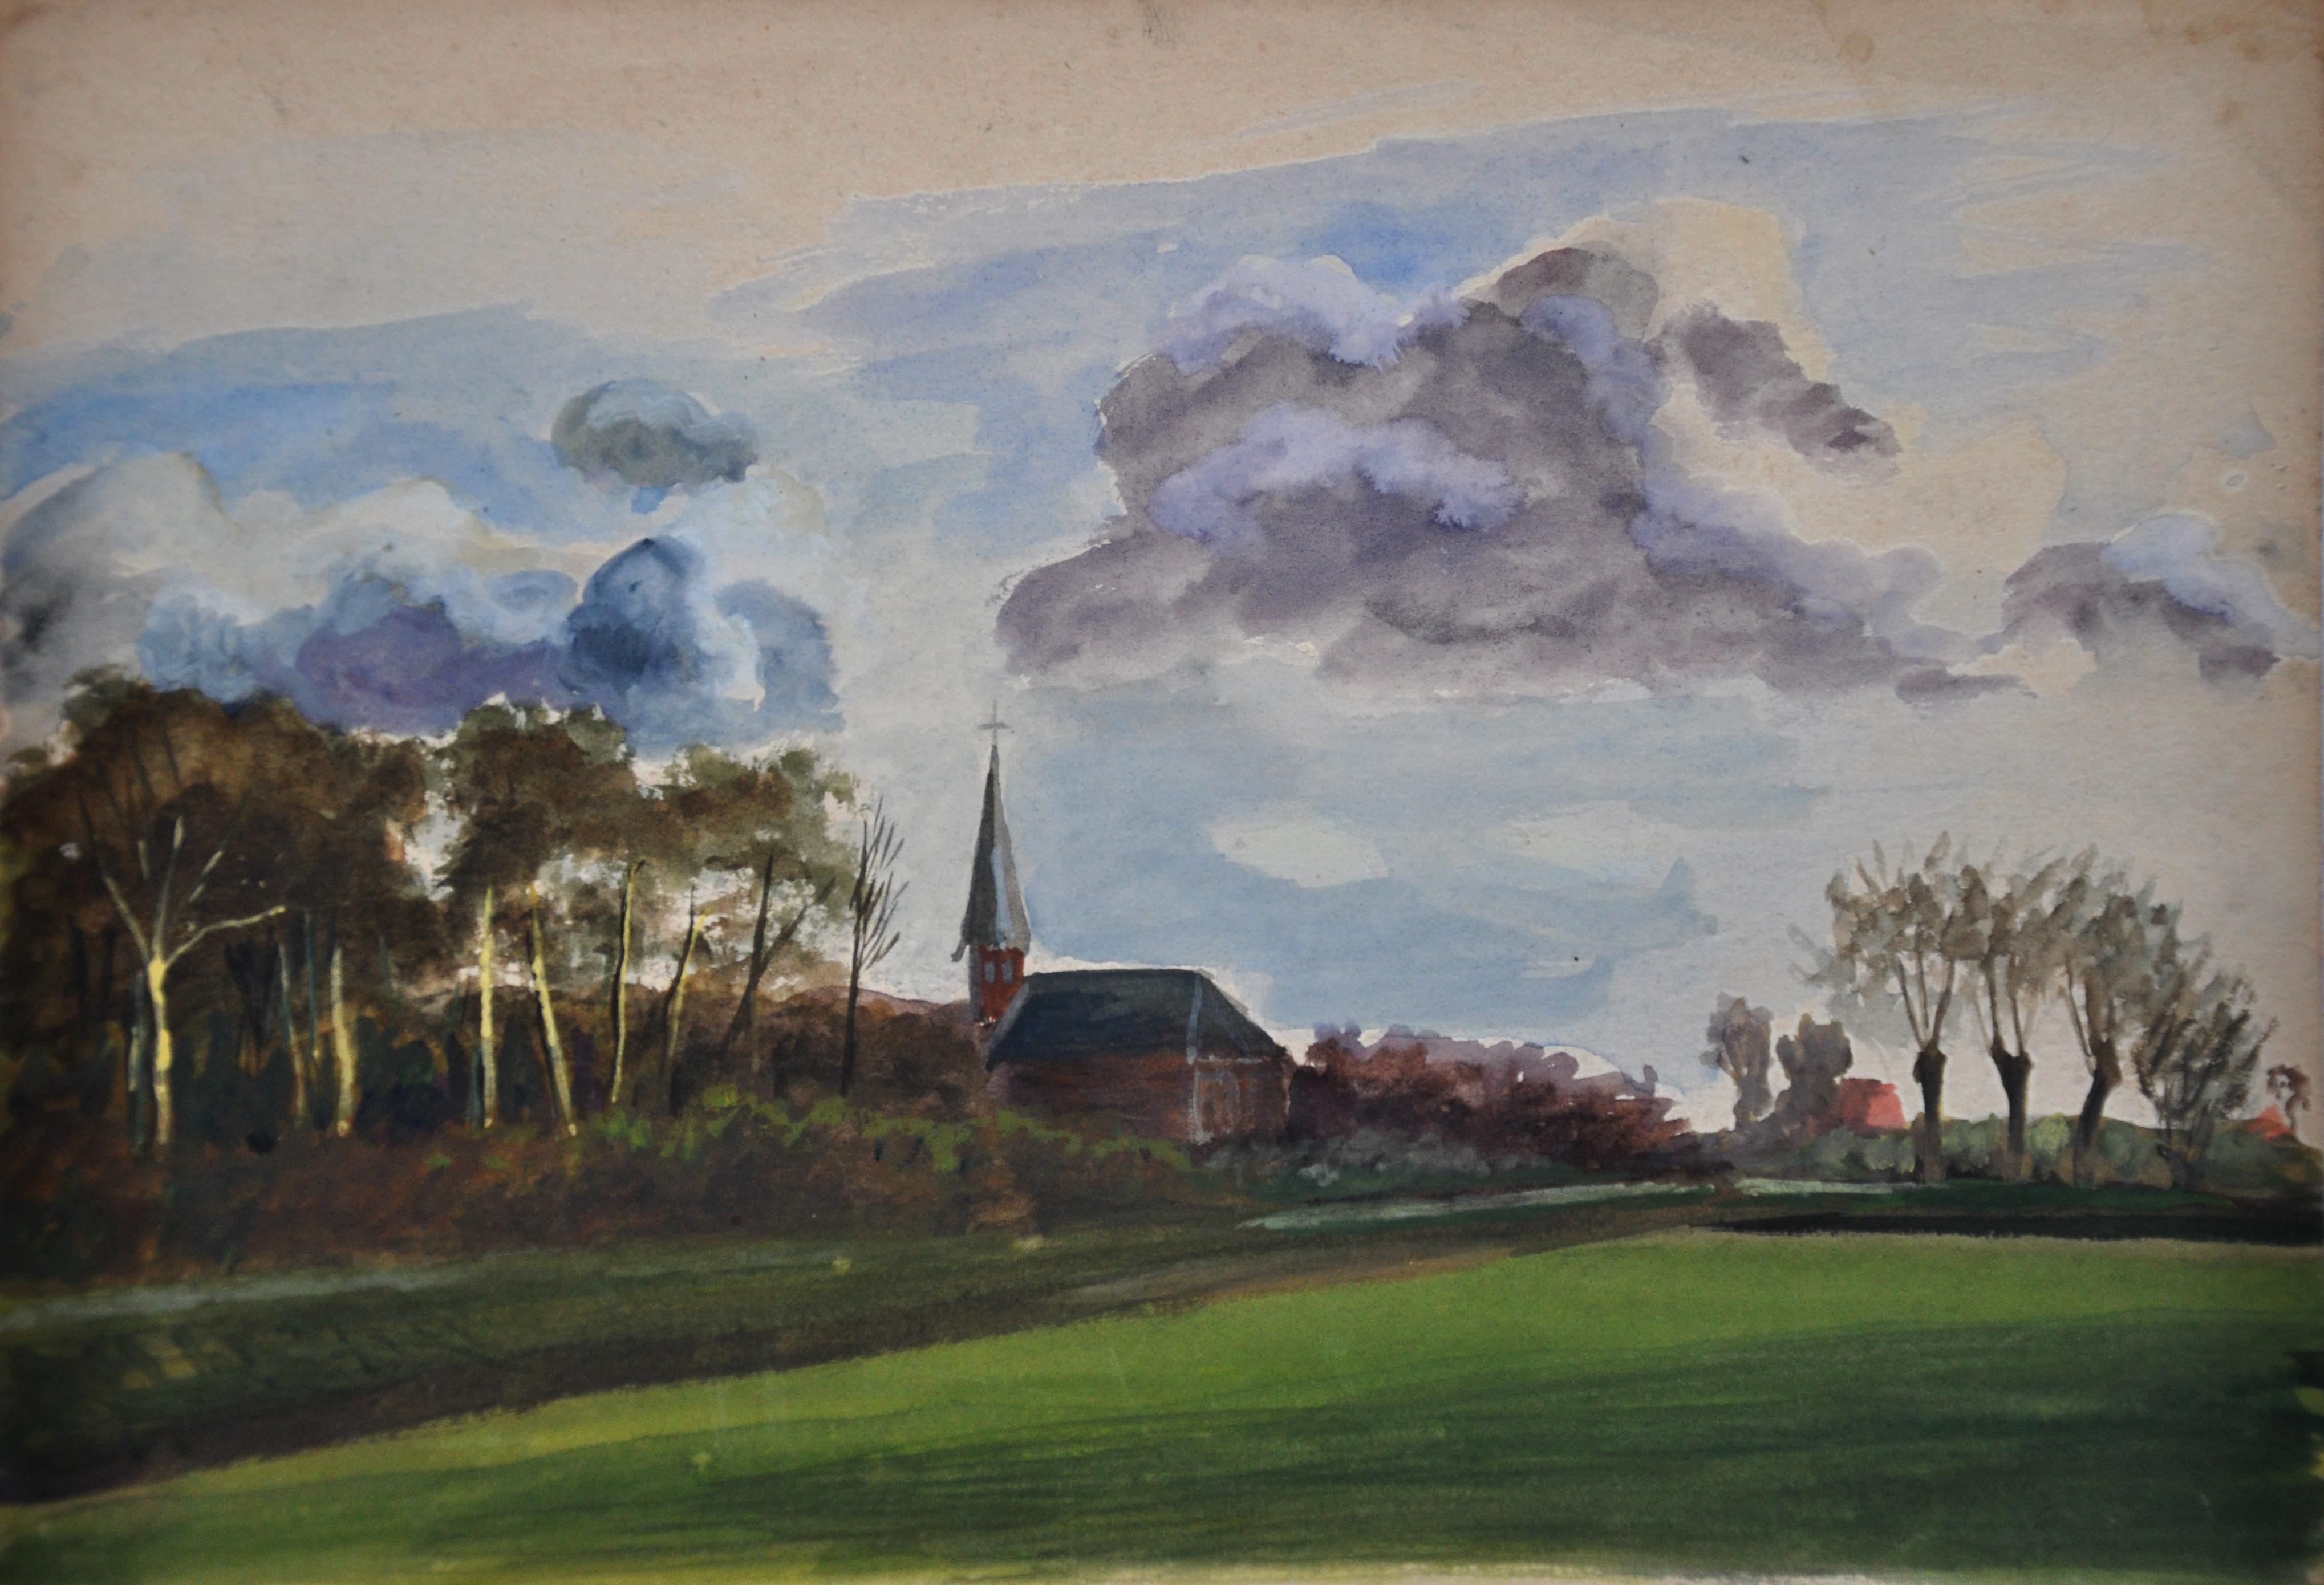 Met een expositie in de Grote Kerk krijgt Henk Pieterse (1889-1969) eindelijk de erkenning die hij verdient, zegt zijn dochter Tiny Opdam-Pieterse. 'Ik heb wel even een traantje gelaten'